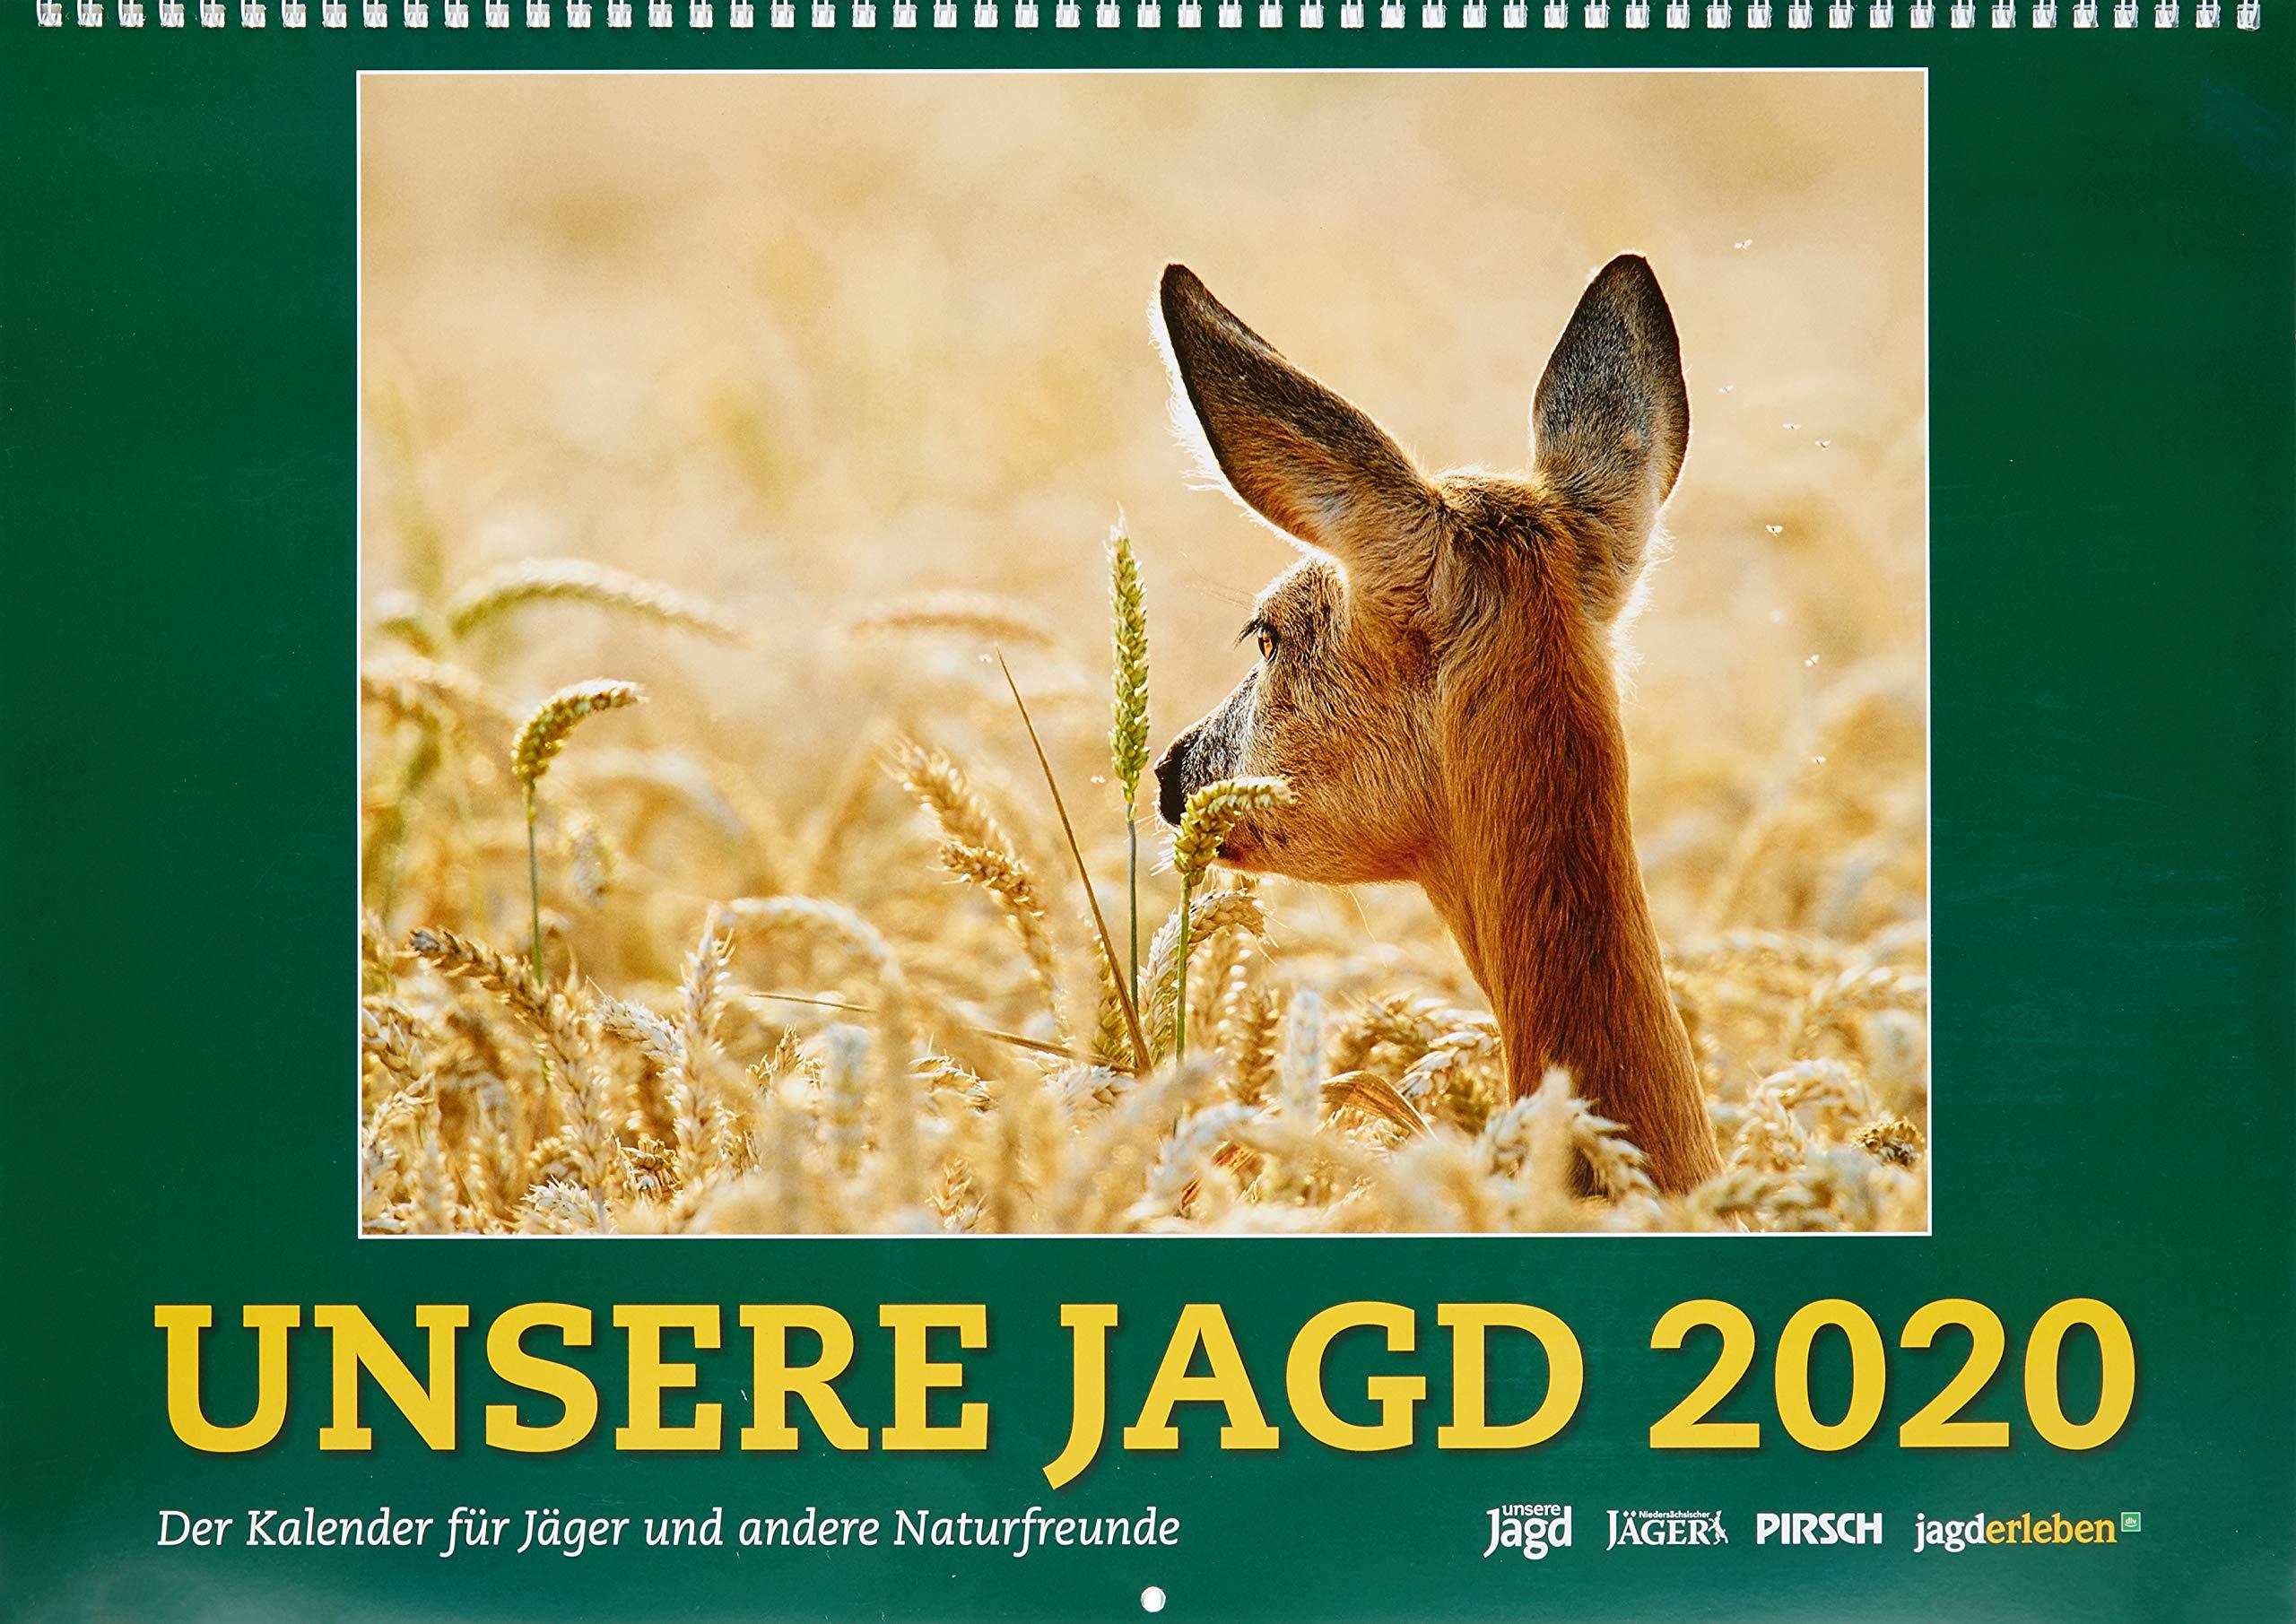 Wandkalender UNSERE JAGD 2020  Der Kalender Für Jäger Und Andere Naturfreunde